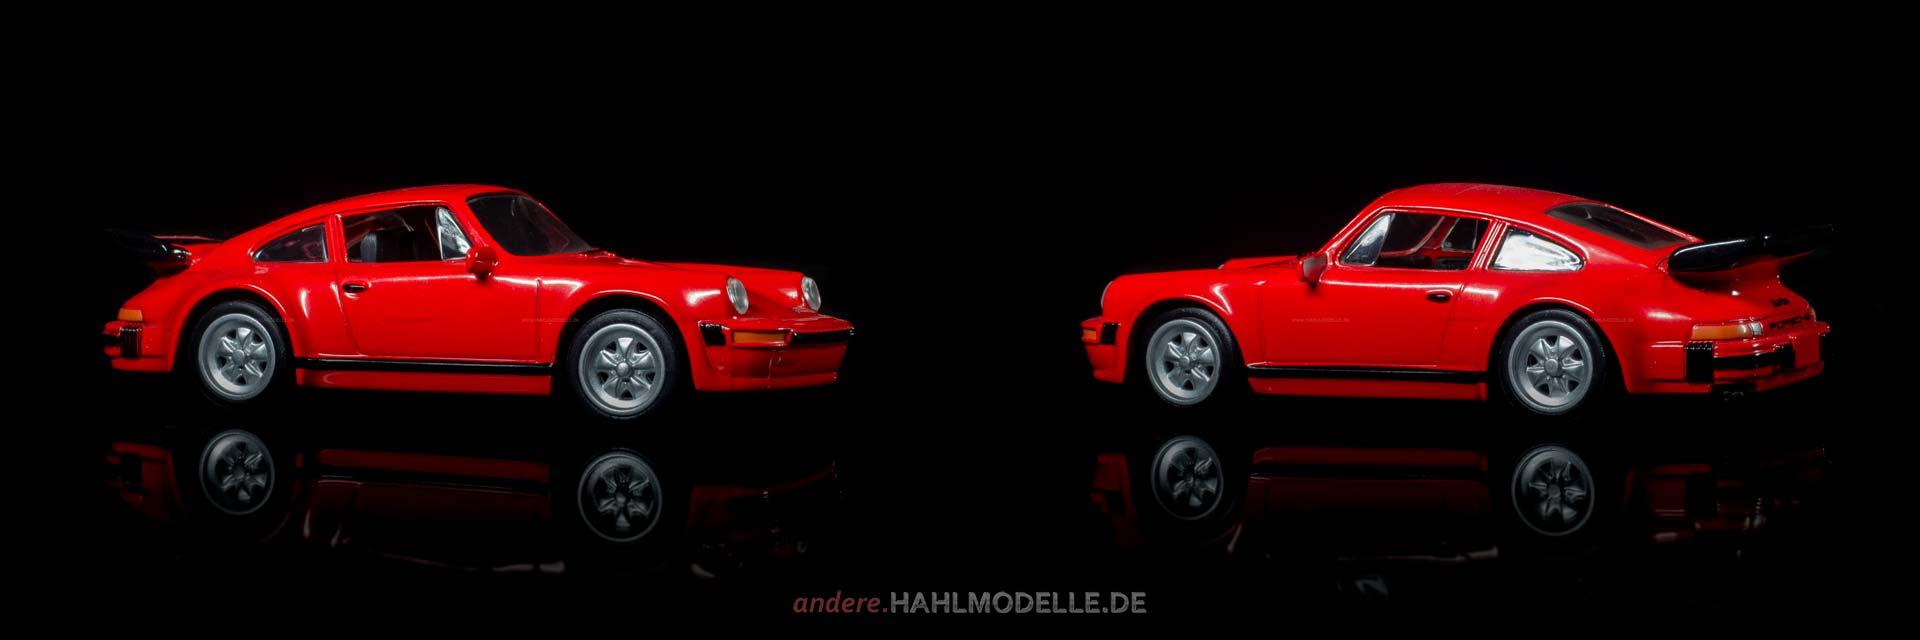 Porsche 911 Turbo Carrera (Typ 930) | Ixo (Del Prado Car Collection) | 1:43 | www.andere.hahlmodelle.de